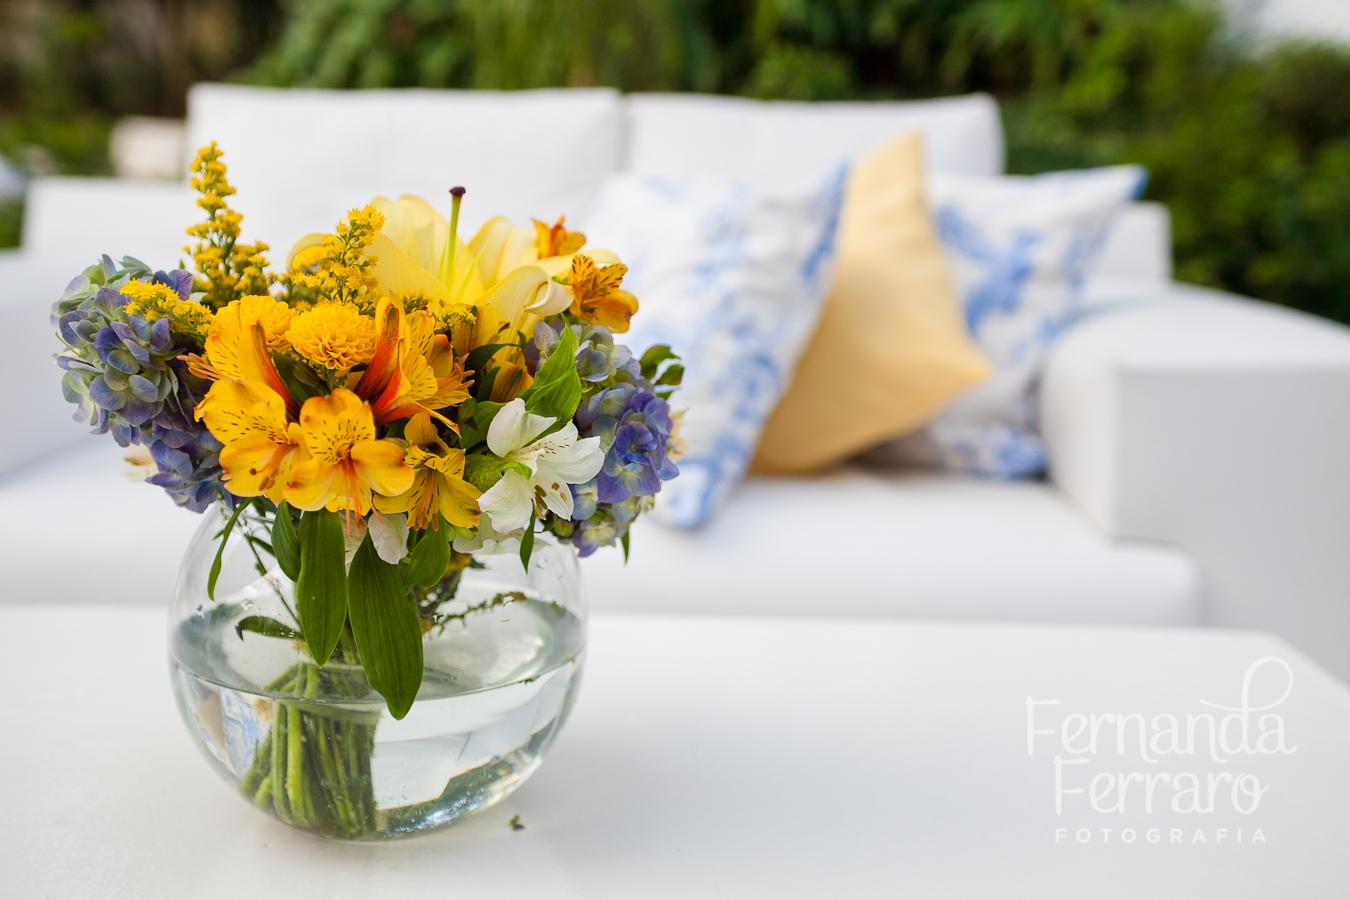 decoracao casamento azul turquesa e amarelo : decoracao casamento azul turquesa e amarelo:Fotos: Luiz Henrique Mendes, Fernanda Ferraro, Kit Gaion, Livia